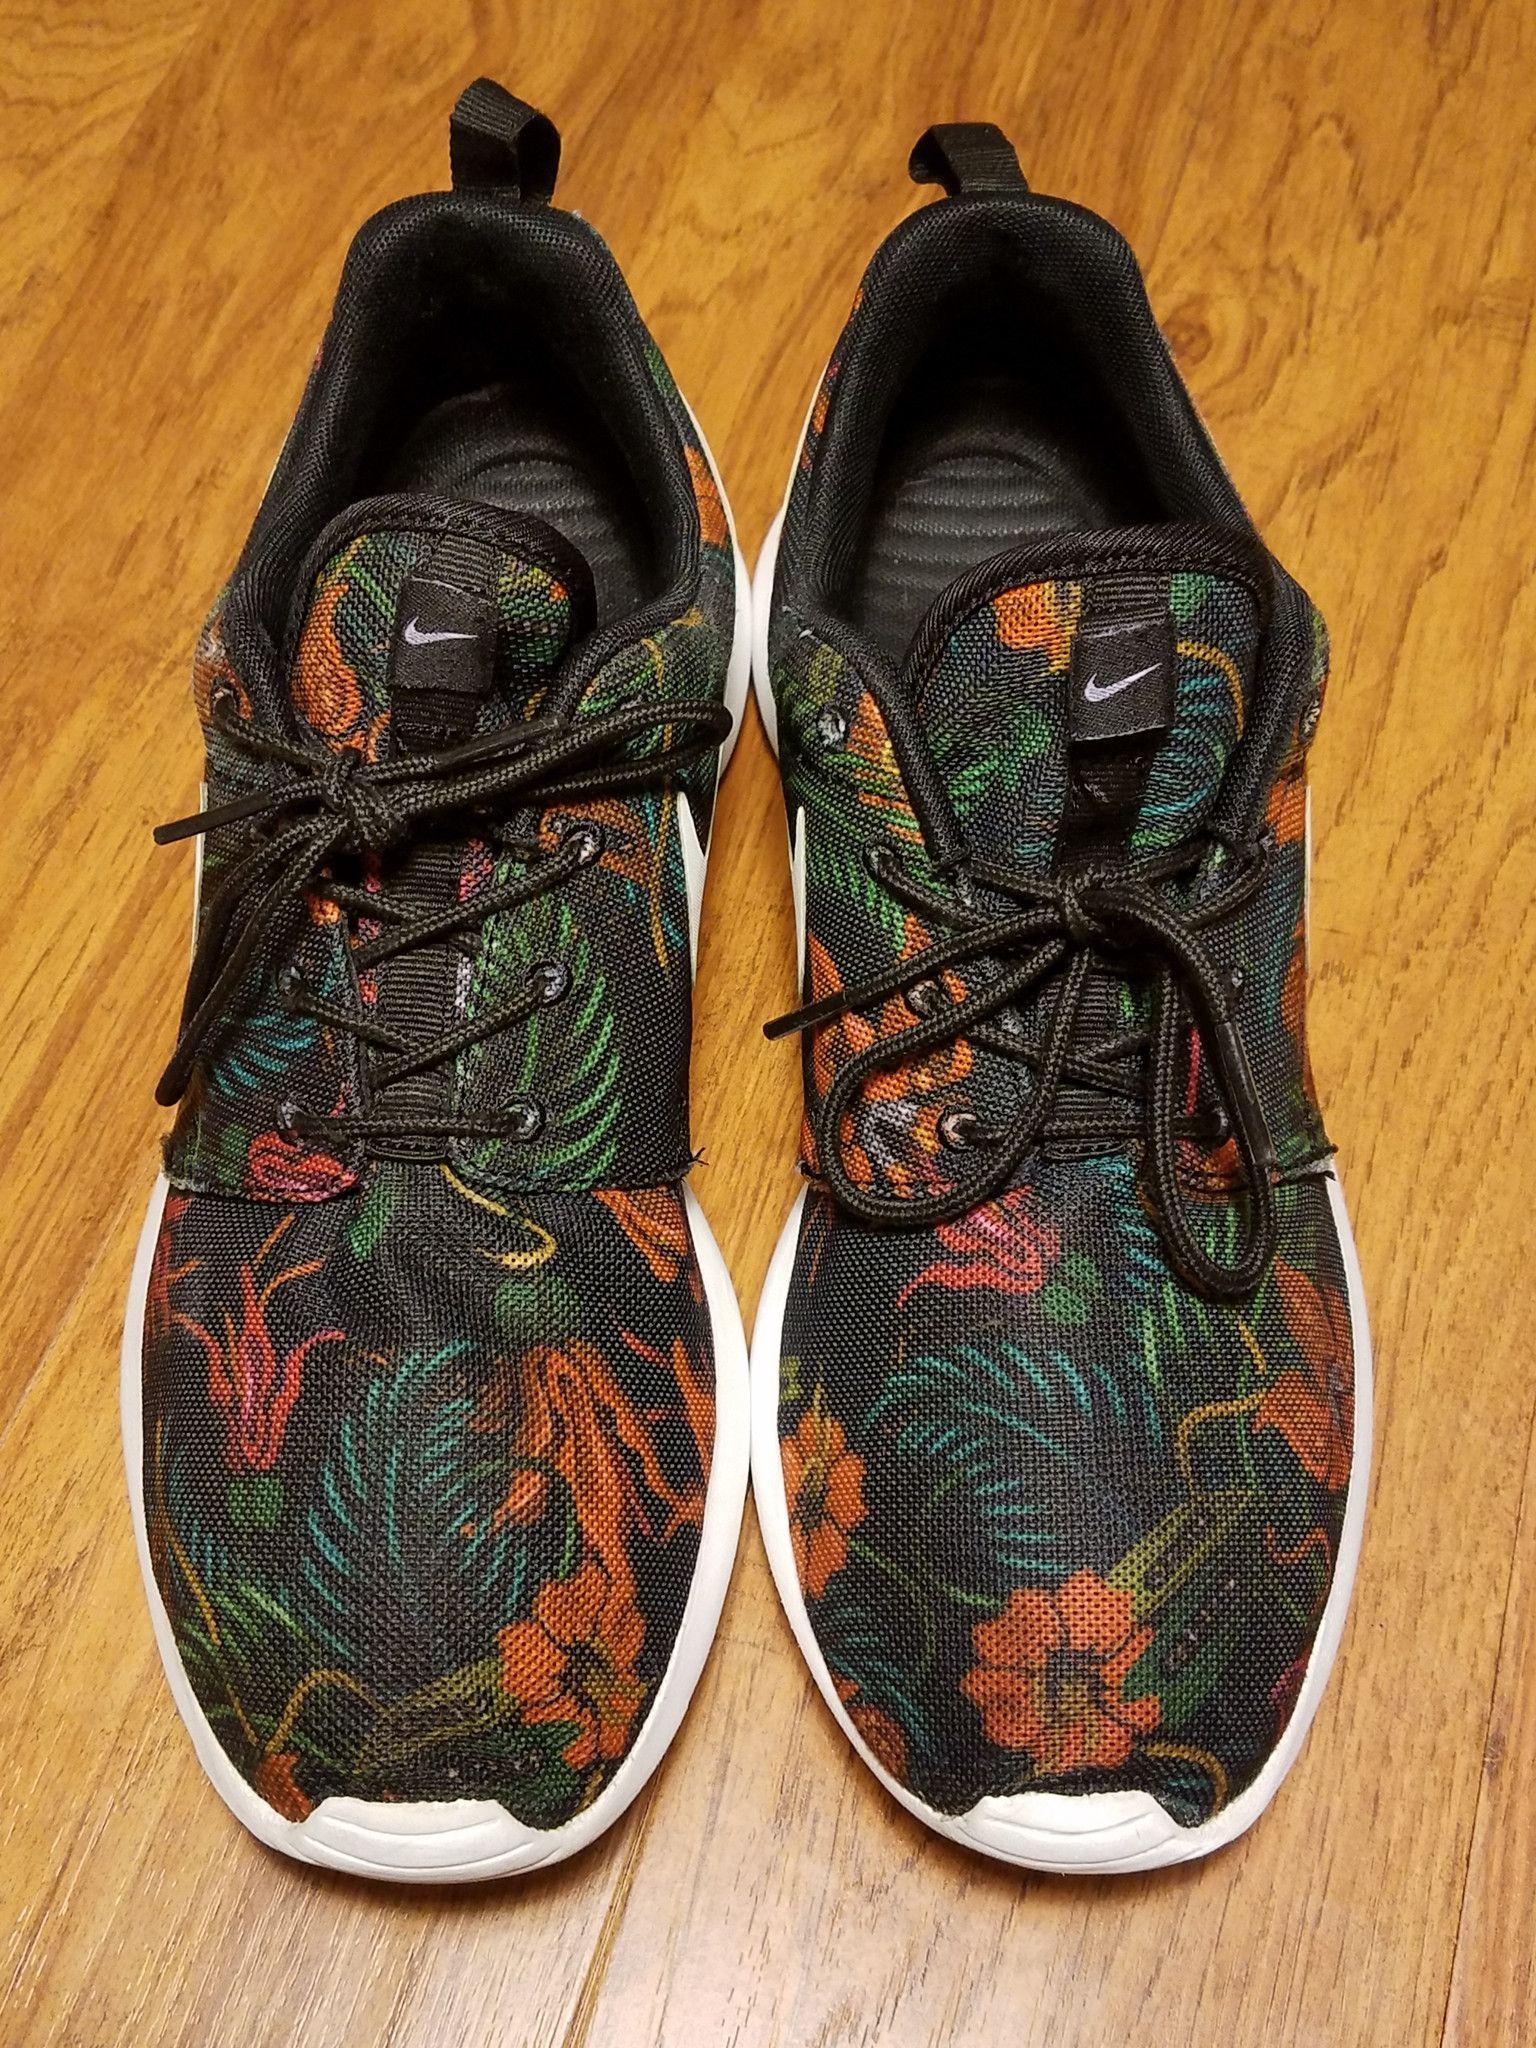 Nike Roshe Run Floral Print Running